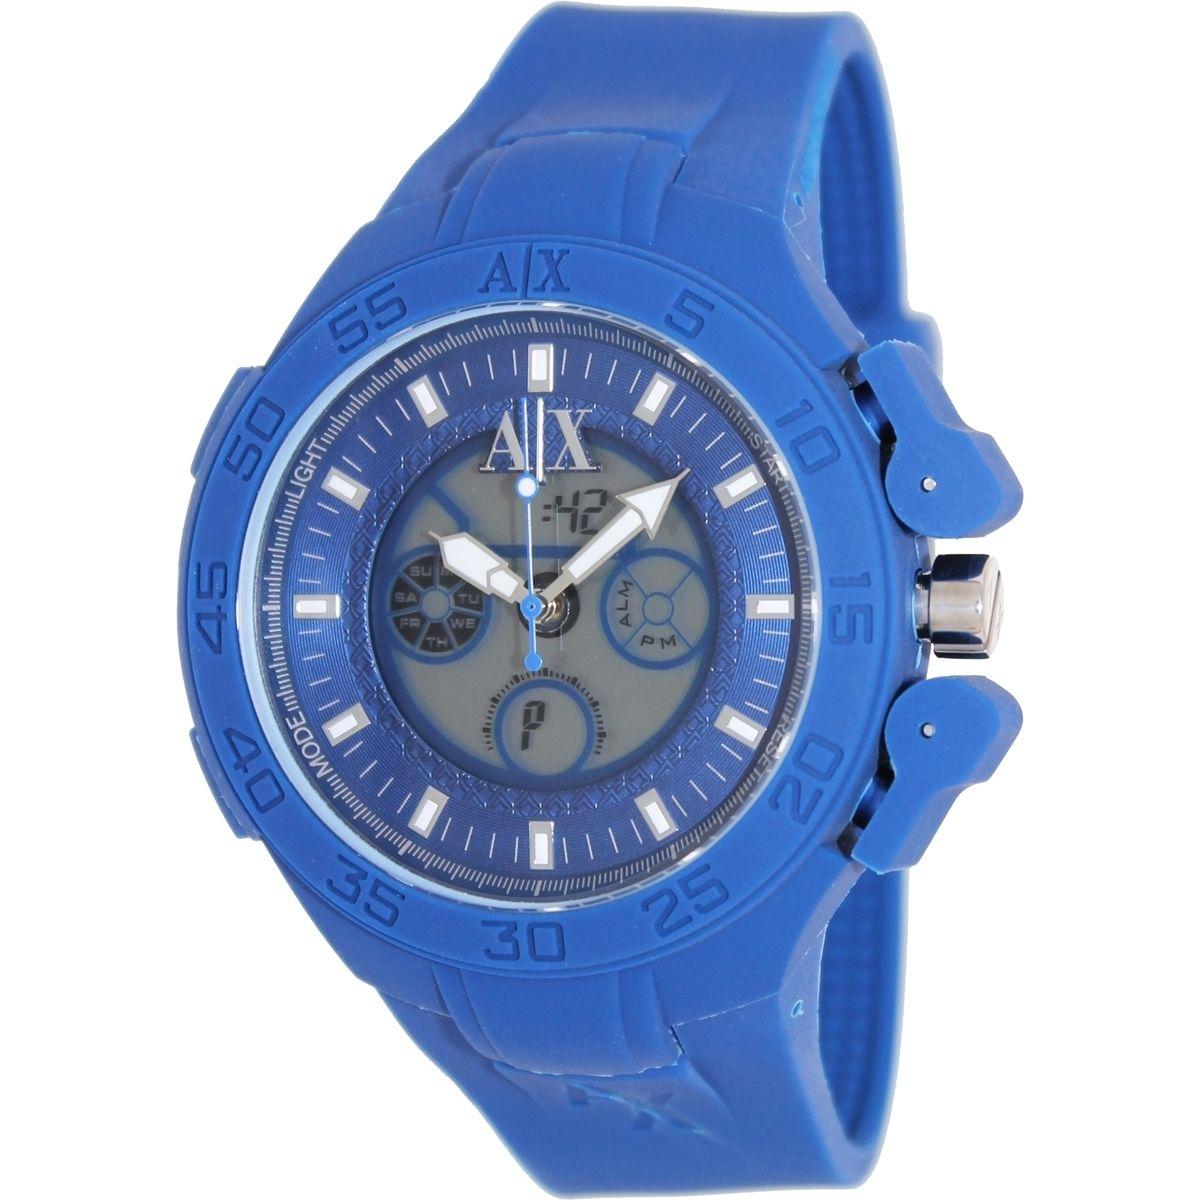 Reloj de mujer tag heuer carrera war1112 ba0601 de acero